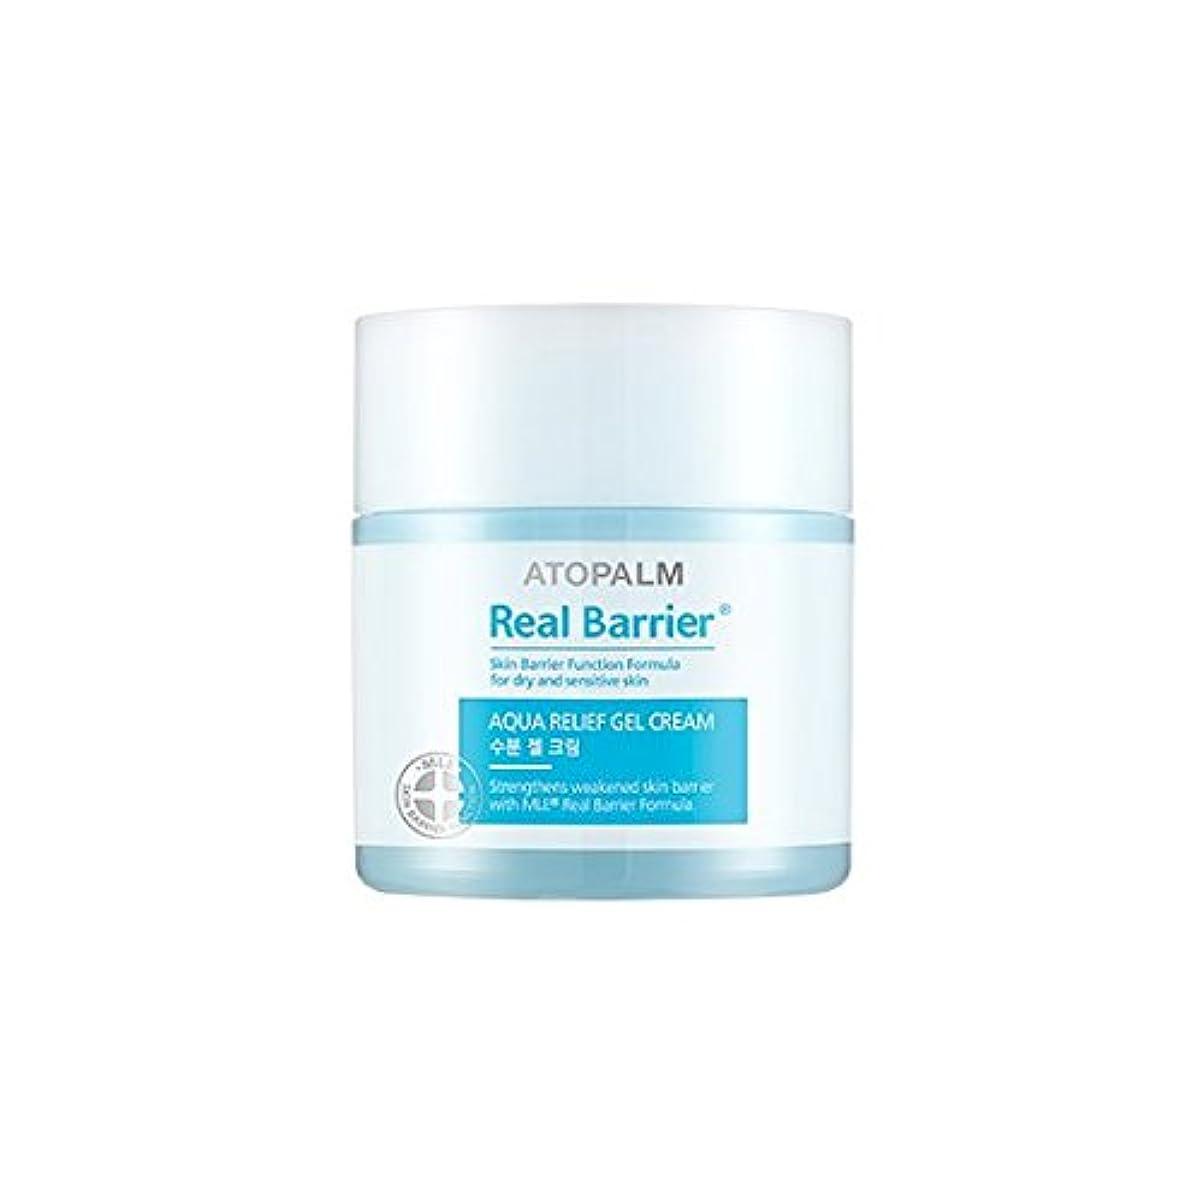 荒らす顕微鏡教育学ATOPALM Real Barrier Aqua Relief Gel Cream 50ml/アトパーム リアル バリア アクア リリーフ ジェル クリーム 50ml [並行輸入品]